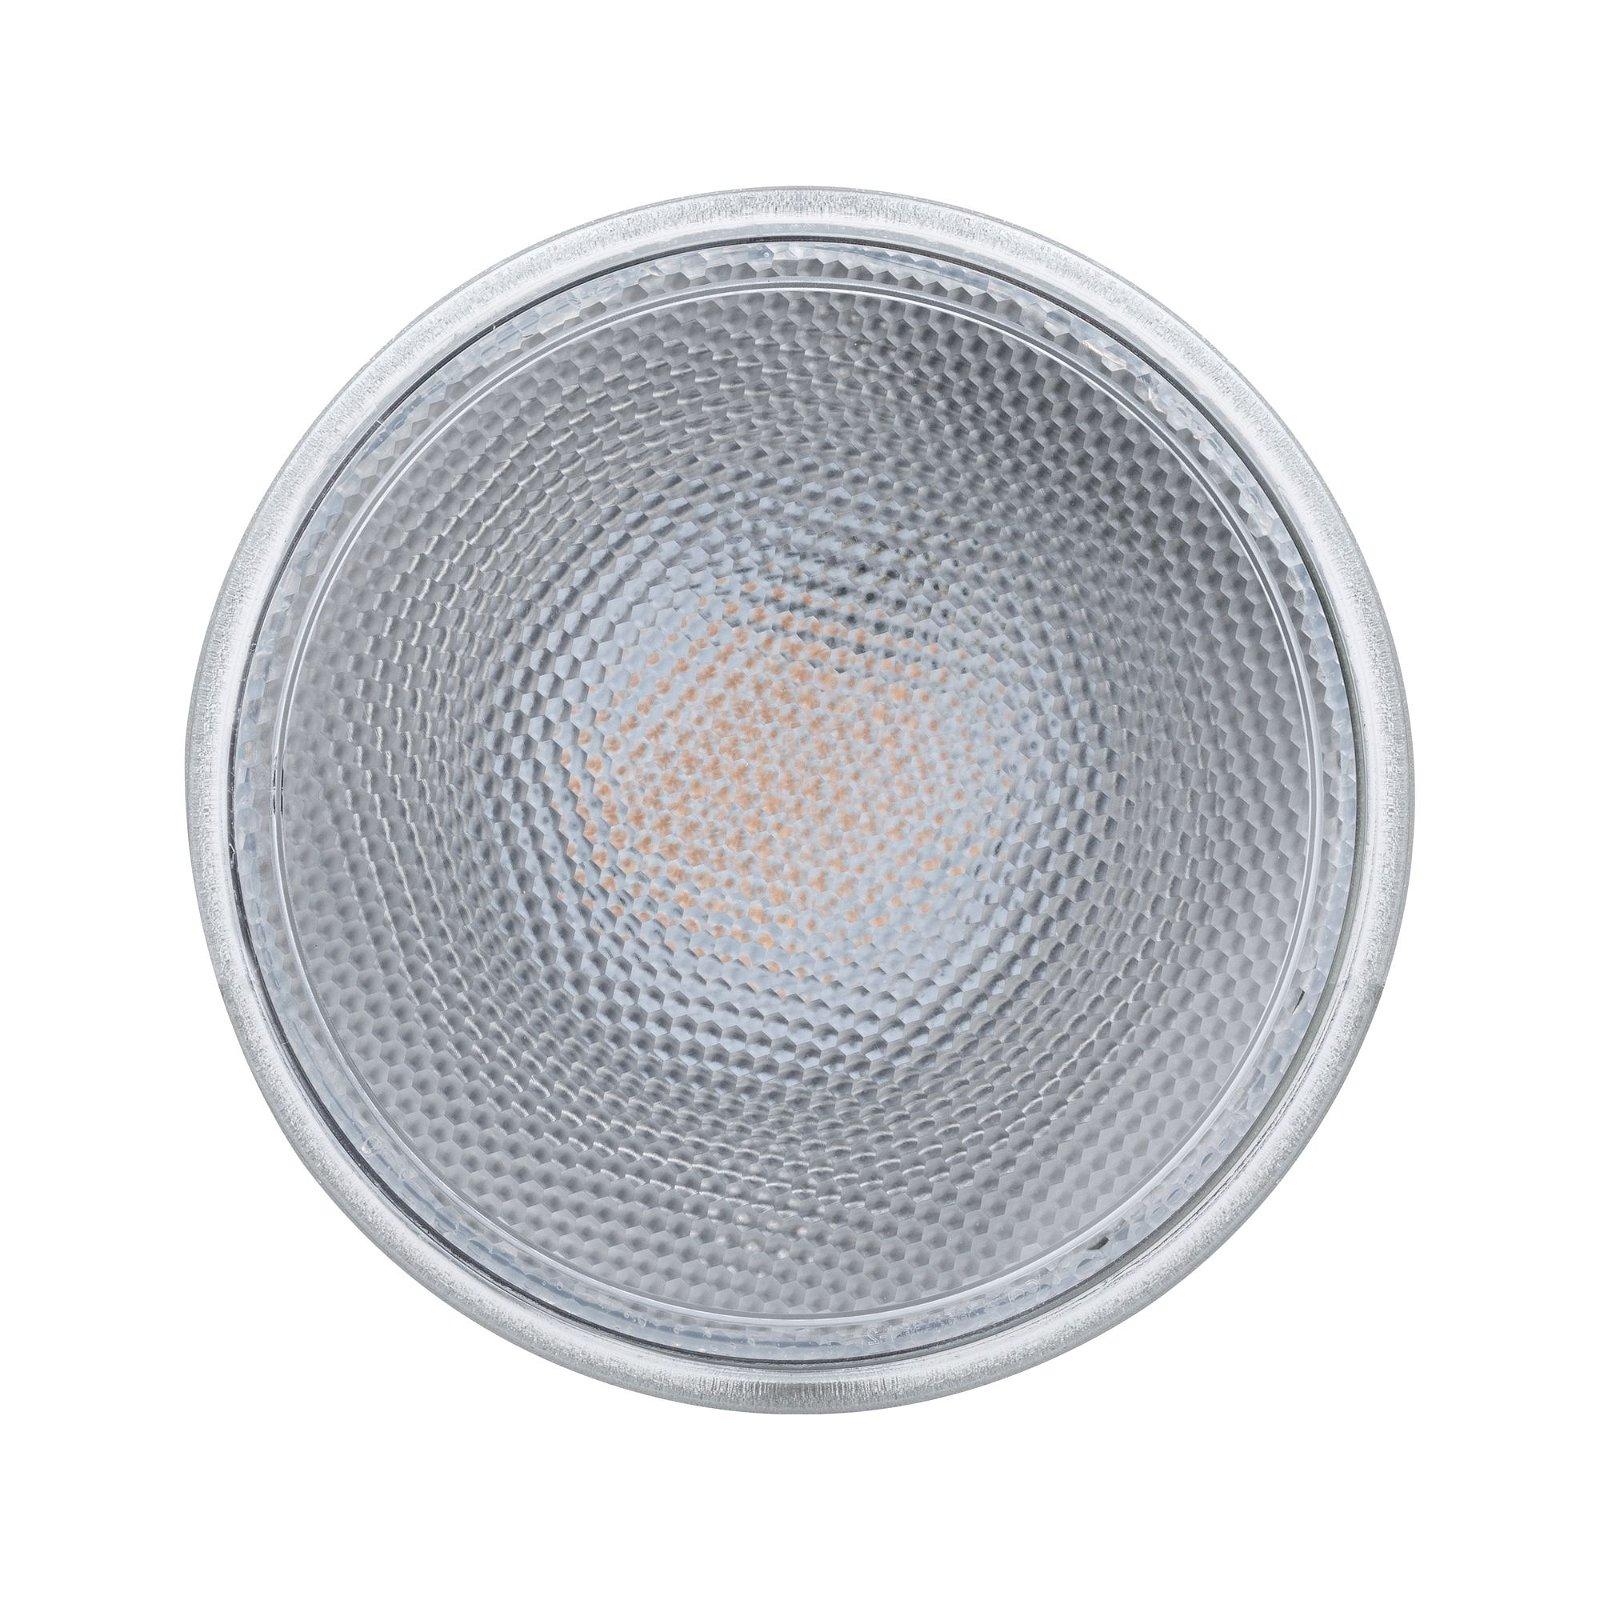 Réflecteur LED E27 230V 1000lm 13,8W 3000K Argent